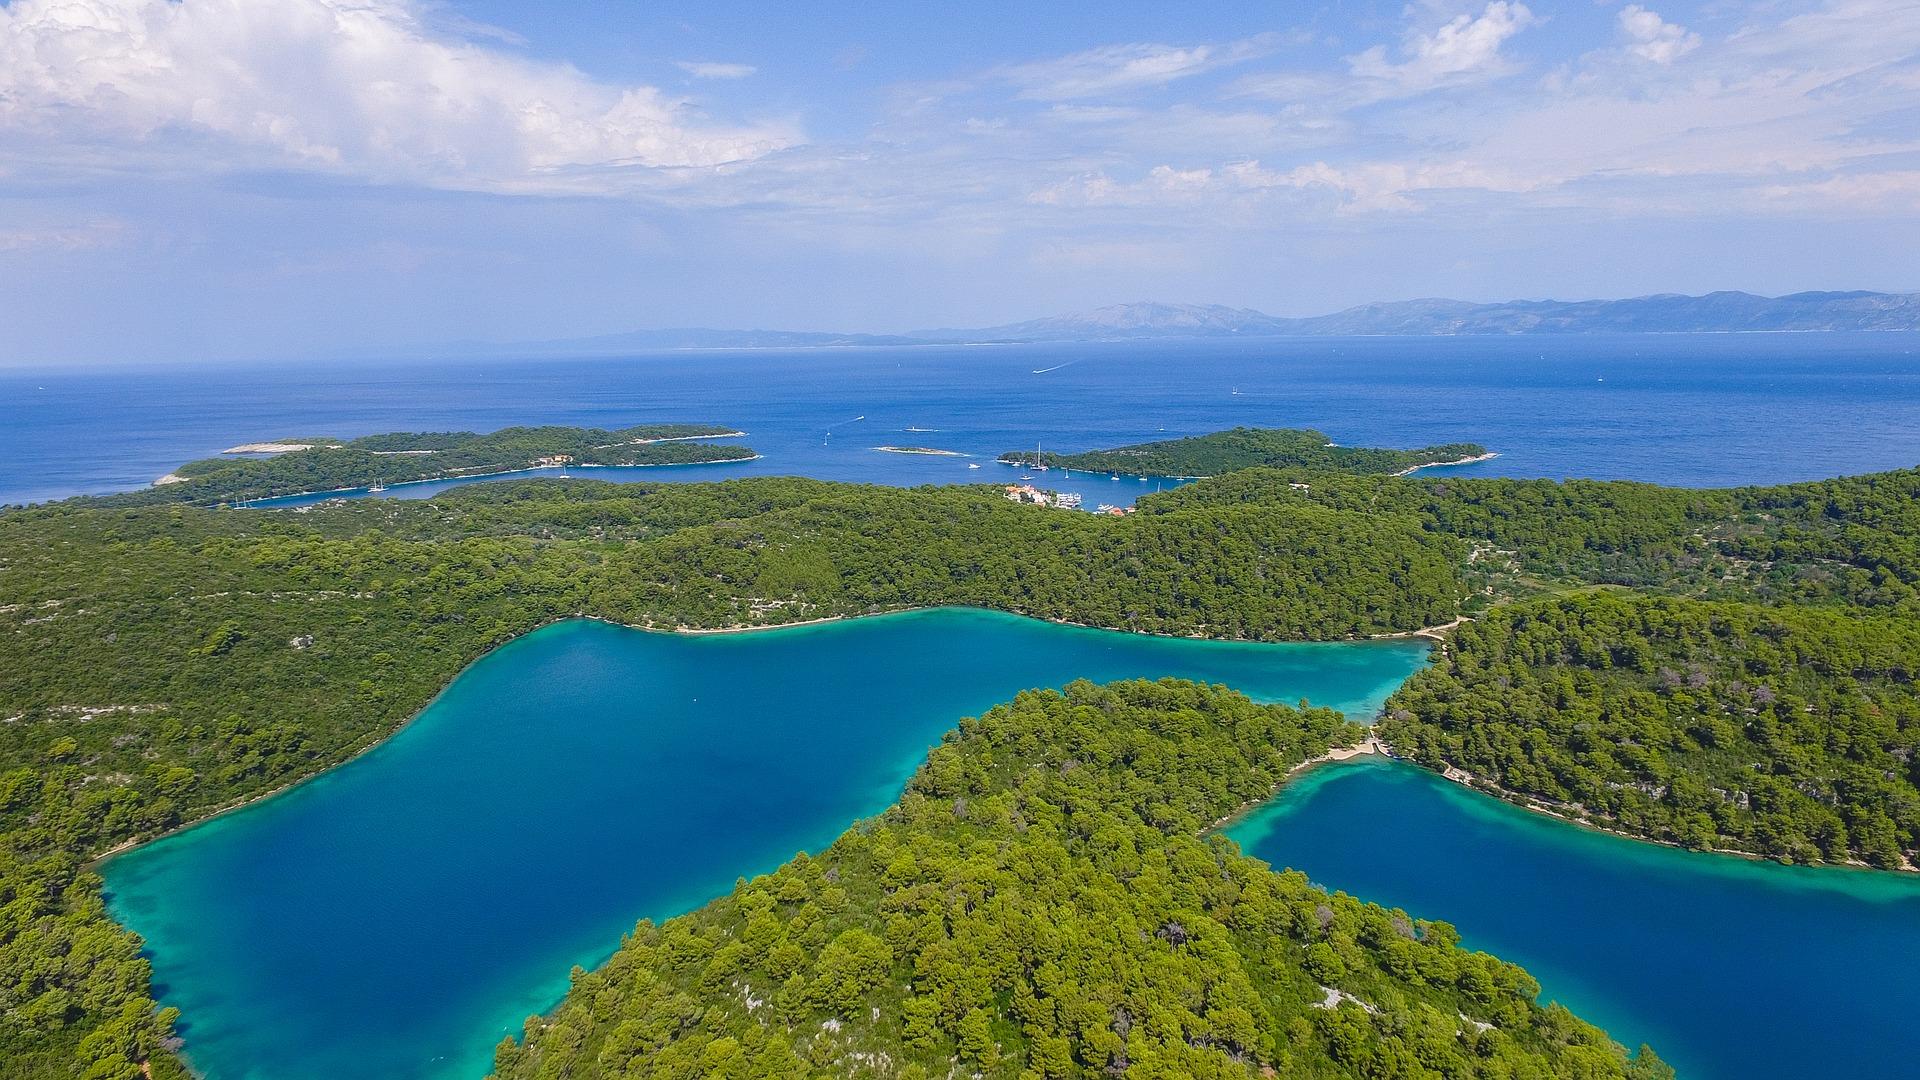 Hotels in Kroatien ab 8,00€ die günstigsten Unterkünfte bei mir